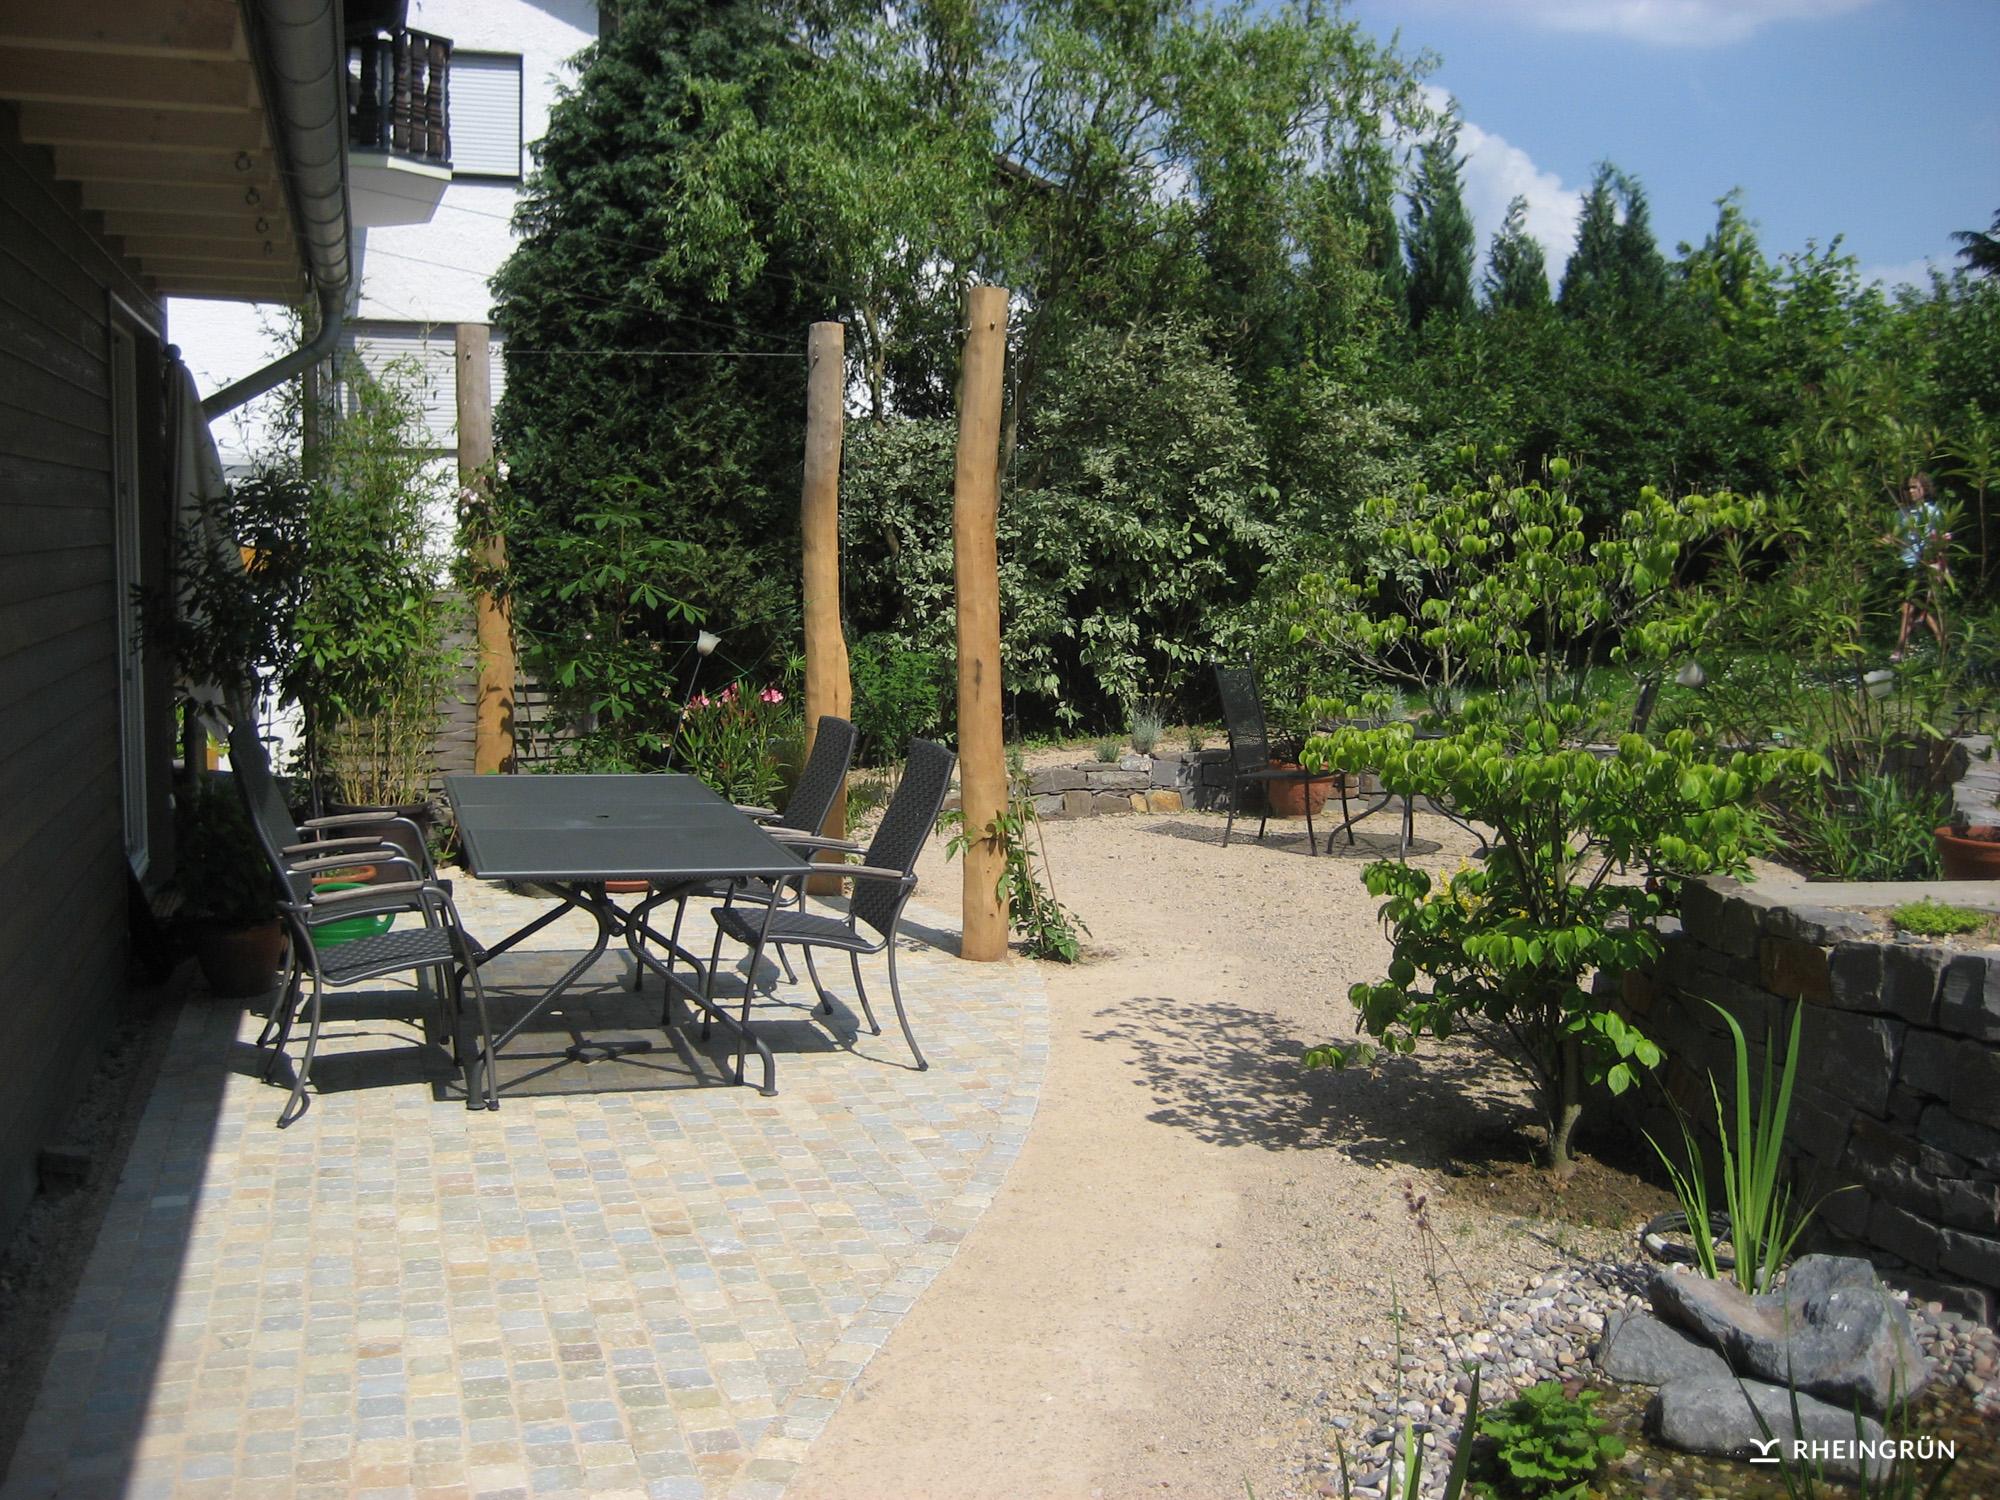 Rustikaler Privatgarten mit Gartenteich und Mauer aus Naturstein